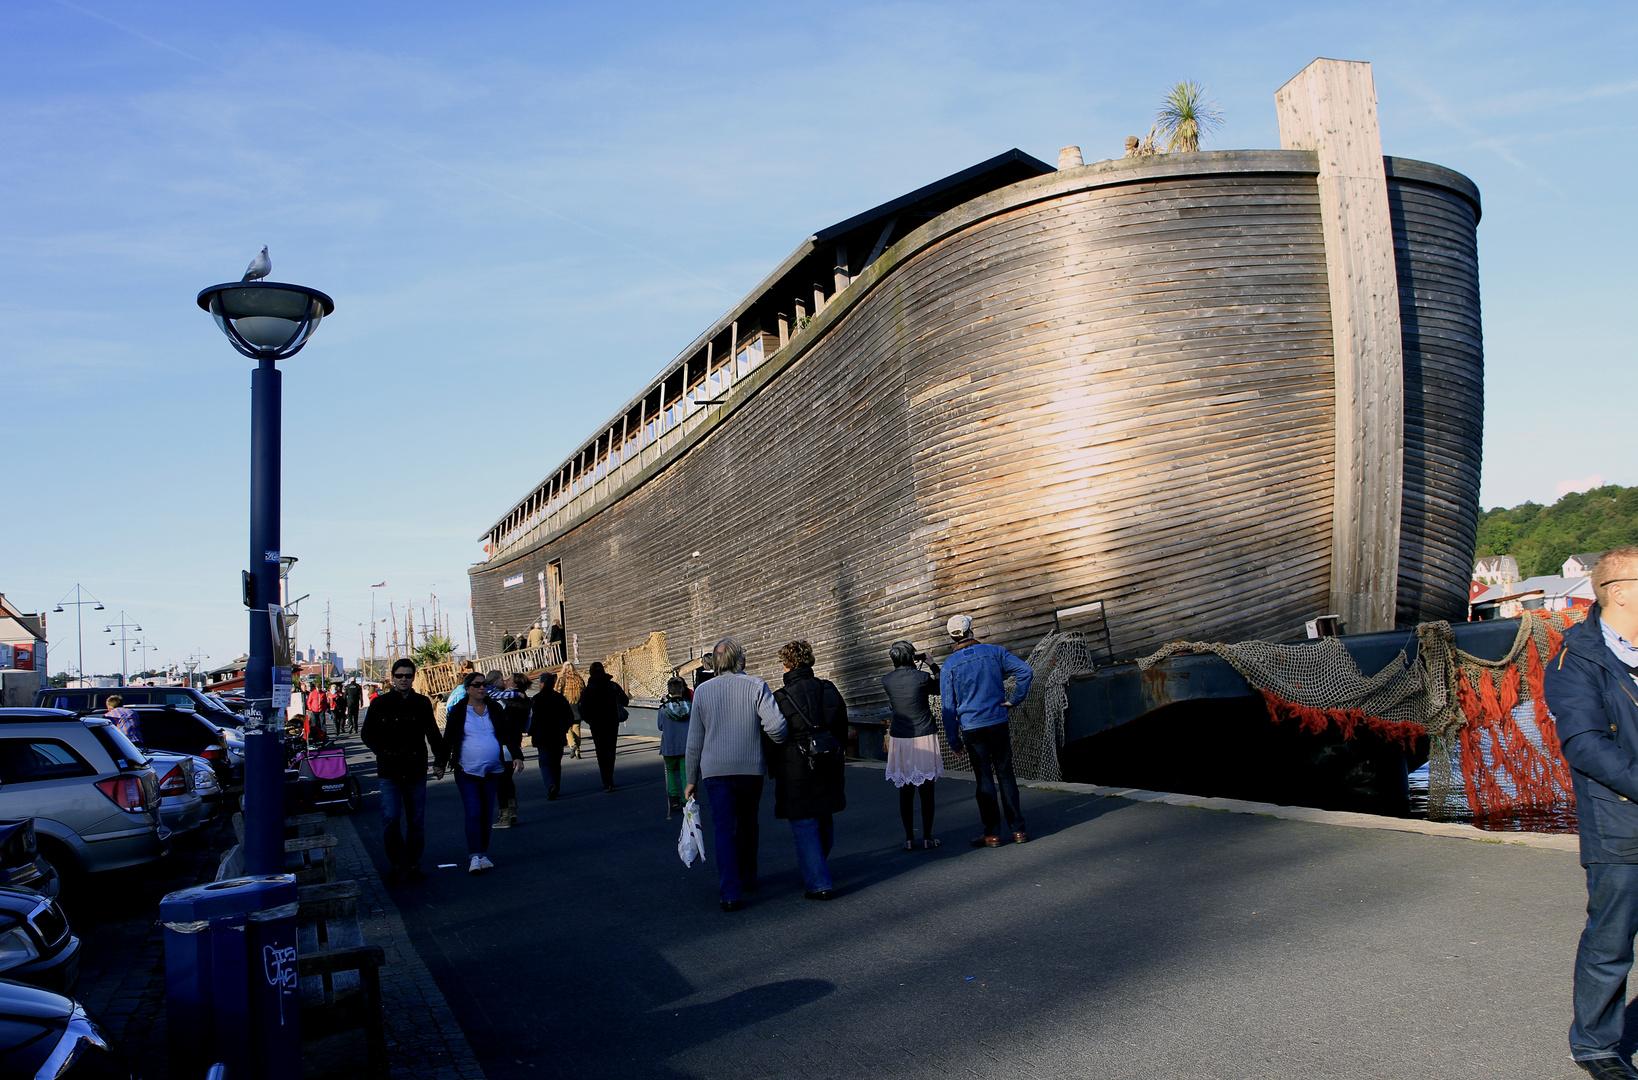 Der Meeresspiegel steigt (85cm?) Die Arche Noah liegt schon in Flensburg!